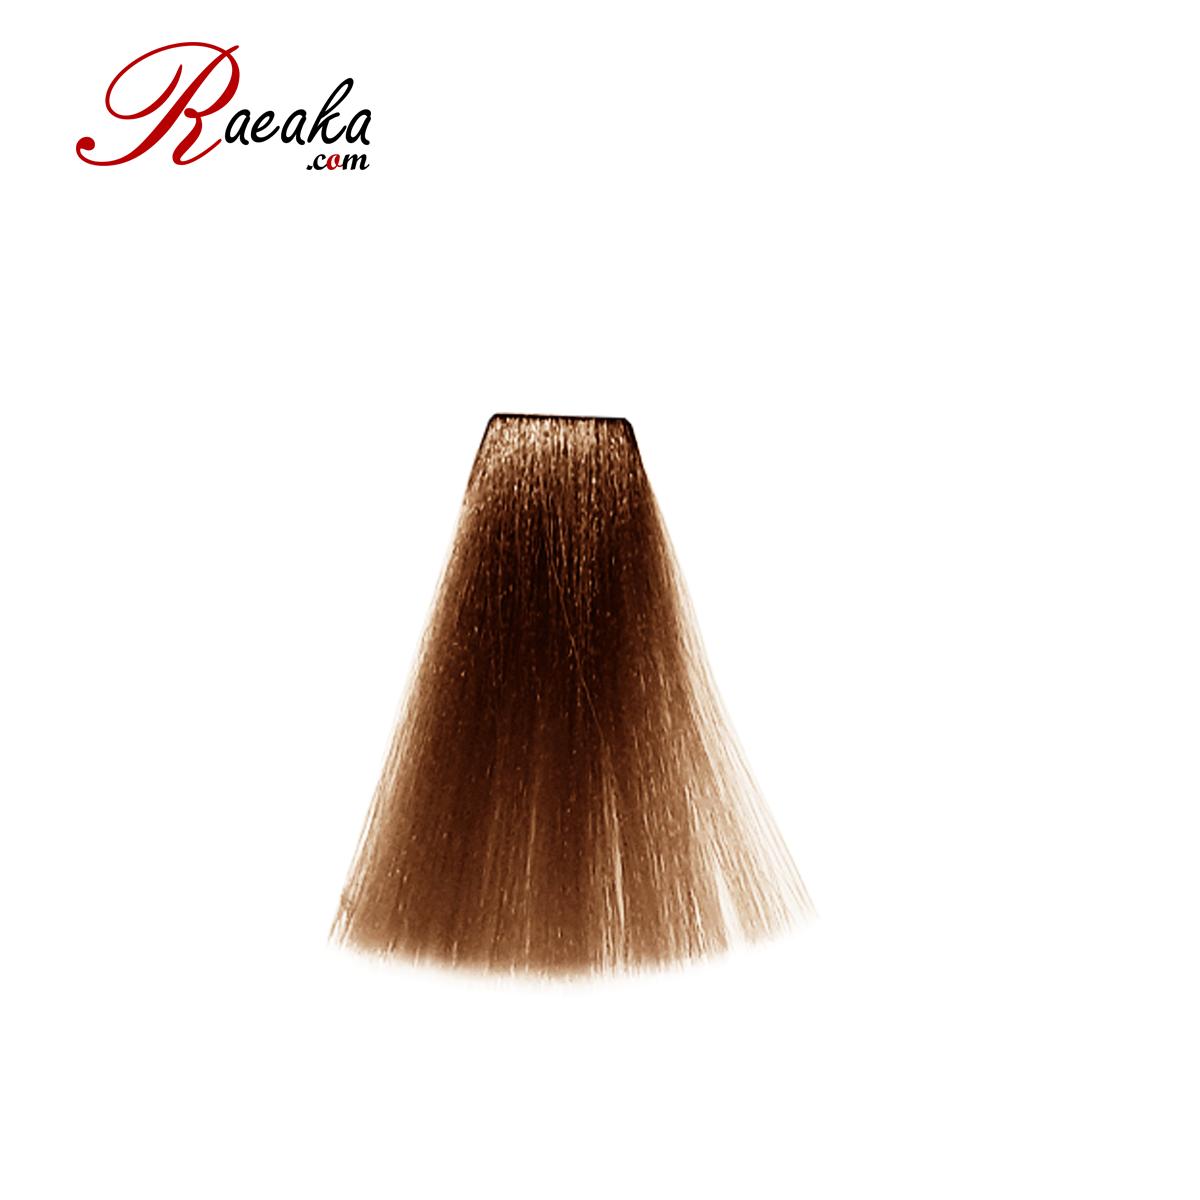 رنگ مو دوماسی سری رنگ های ترکیبی بیسکویتی ۷٫۳۷۲ حجم ۱۲۰ میلی لیتر